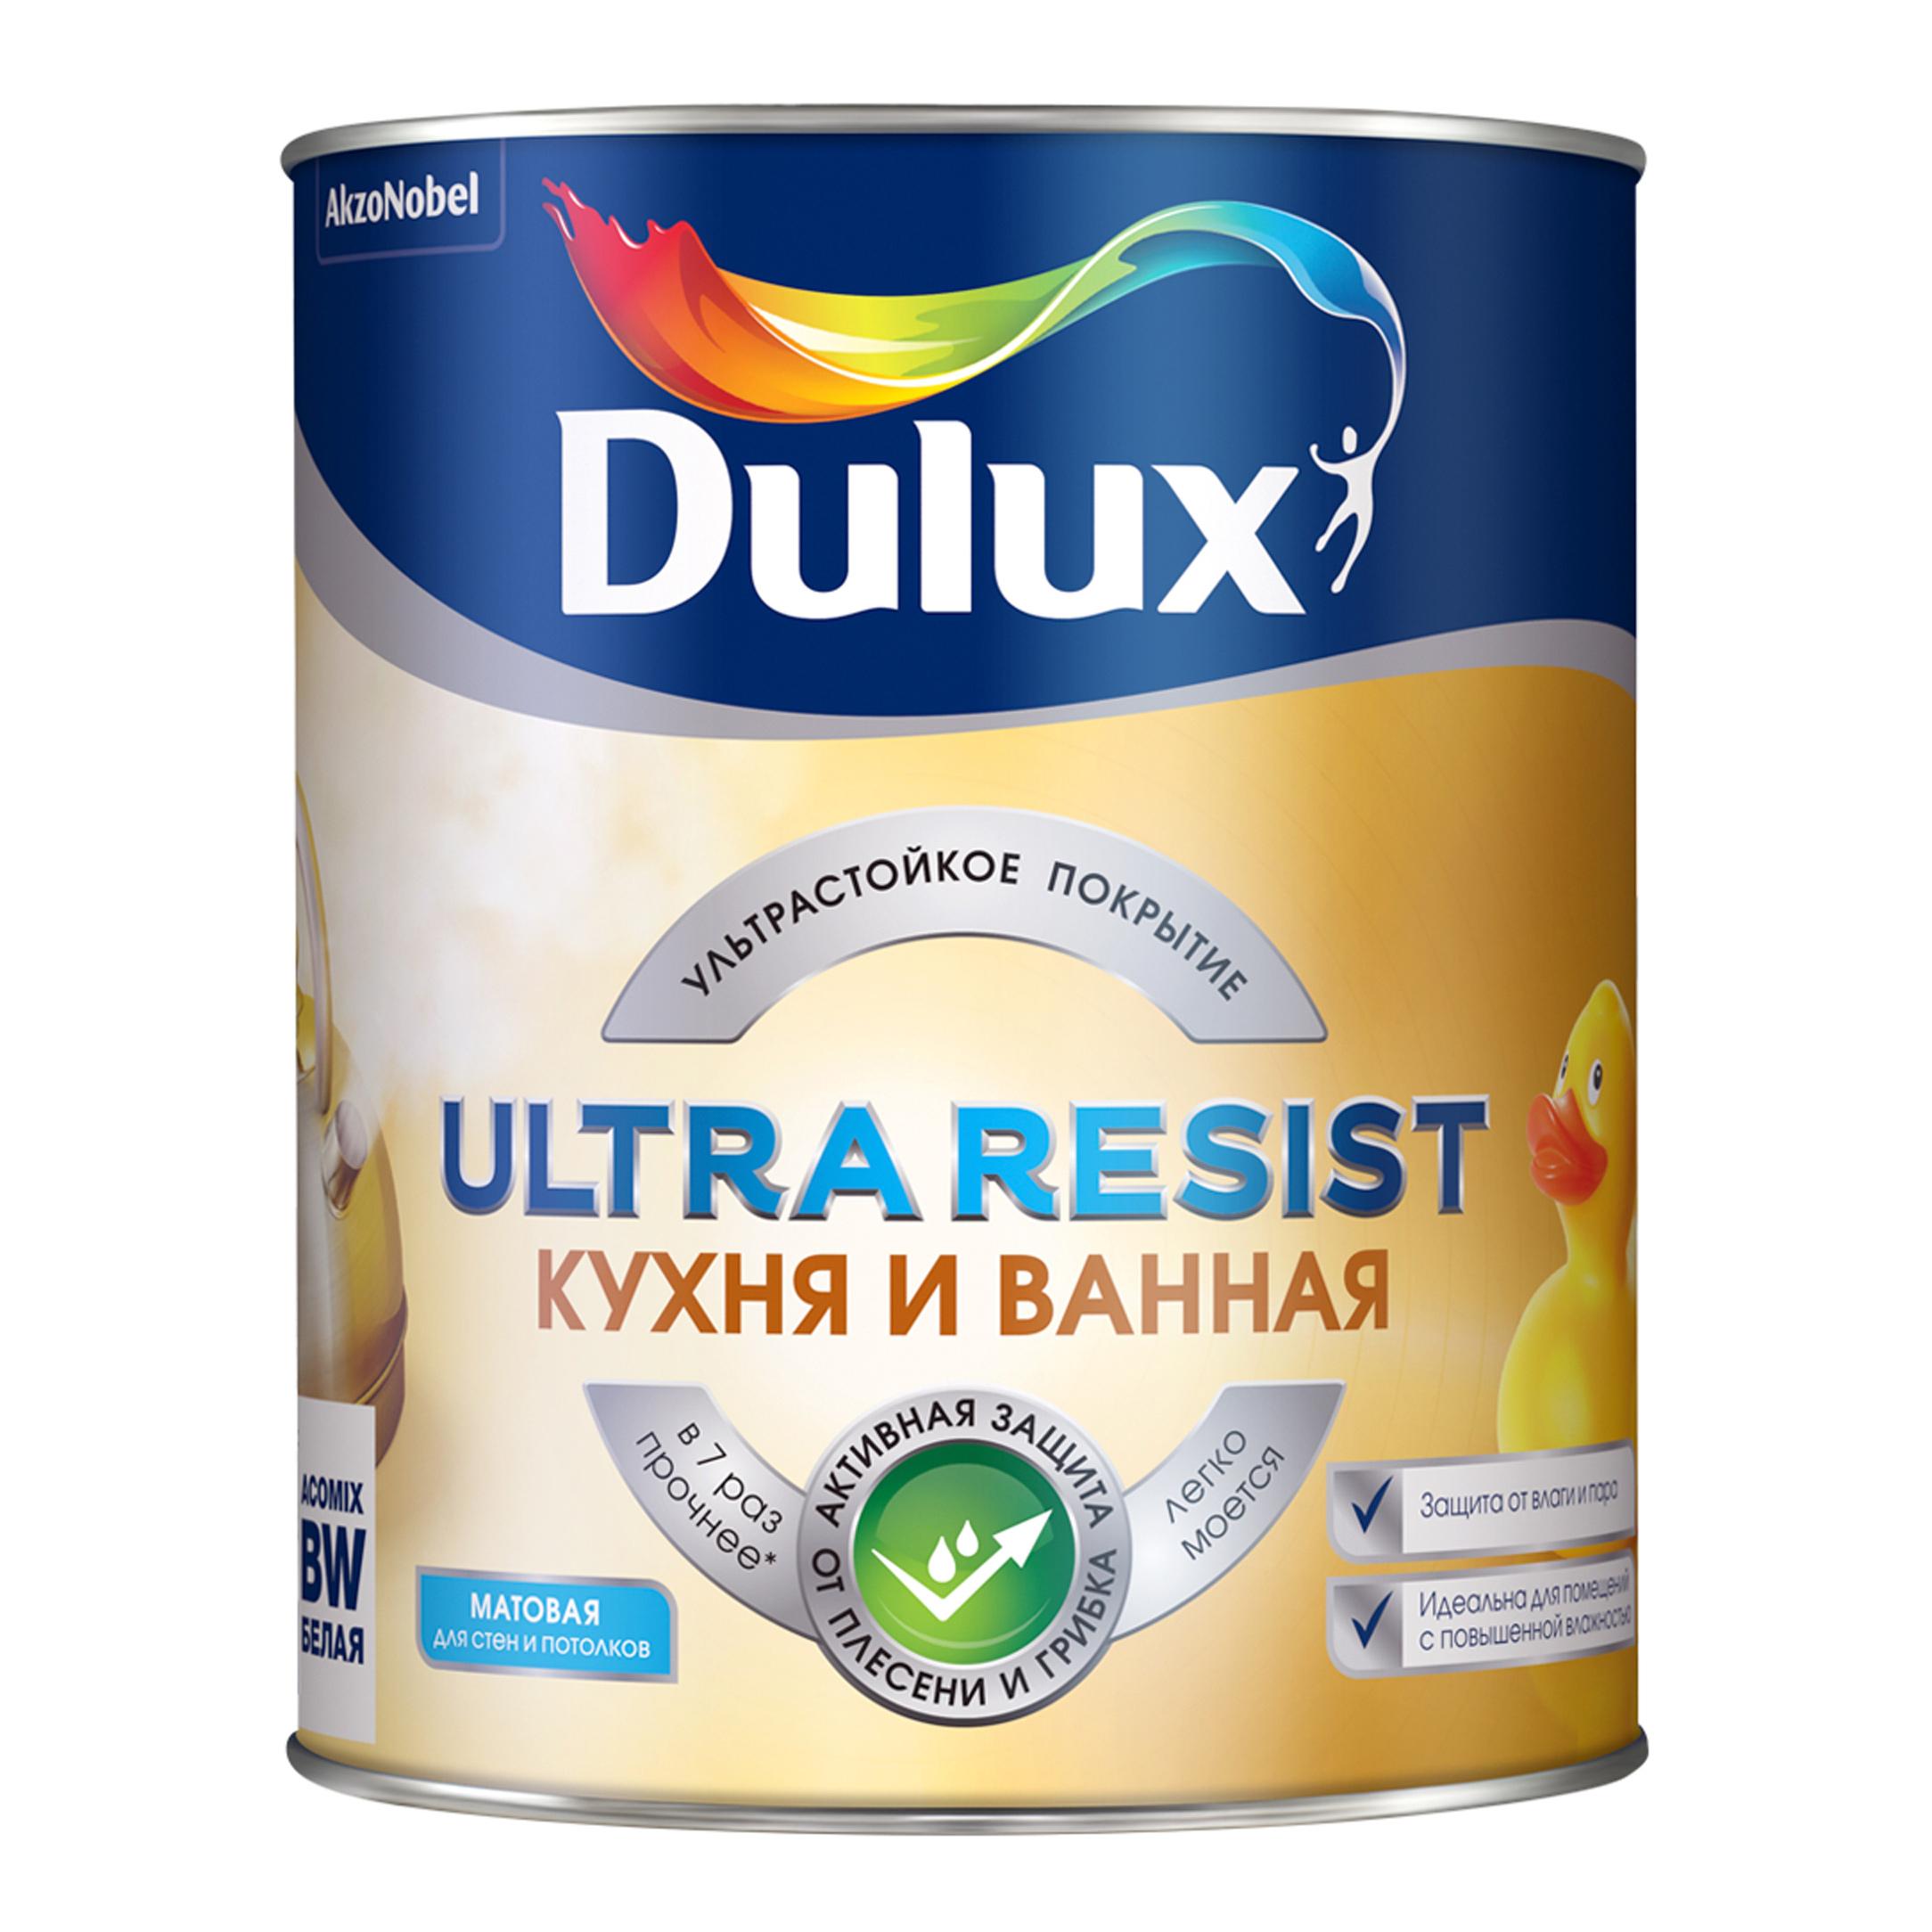 КраскаDulux Ultra Resist для Кухни и ванной матовая база BW (1л) краска dulux ultra resist гостиные и офисы матовая bc